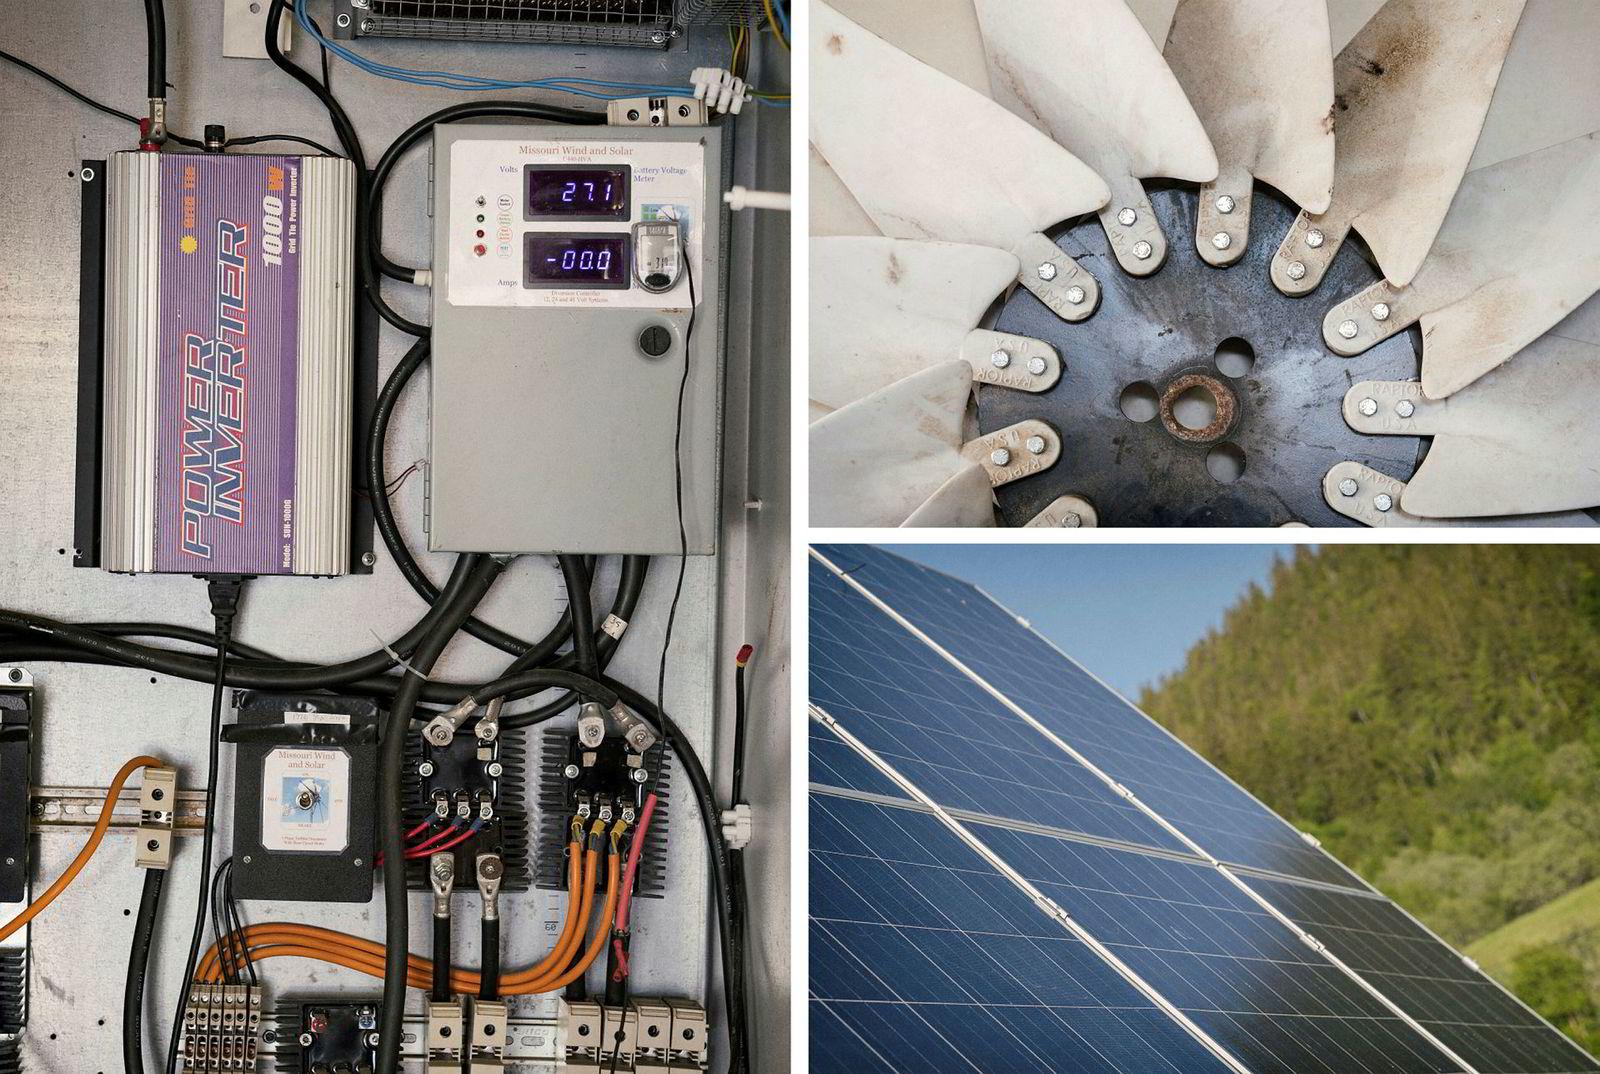 I garasjen finner man hjernen, der blir kraften fra sol og vind til anvendbar strøm.